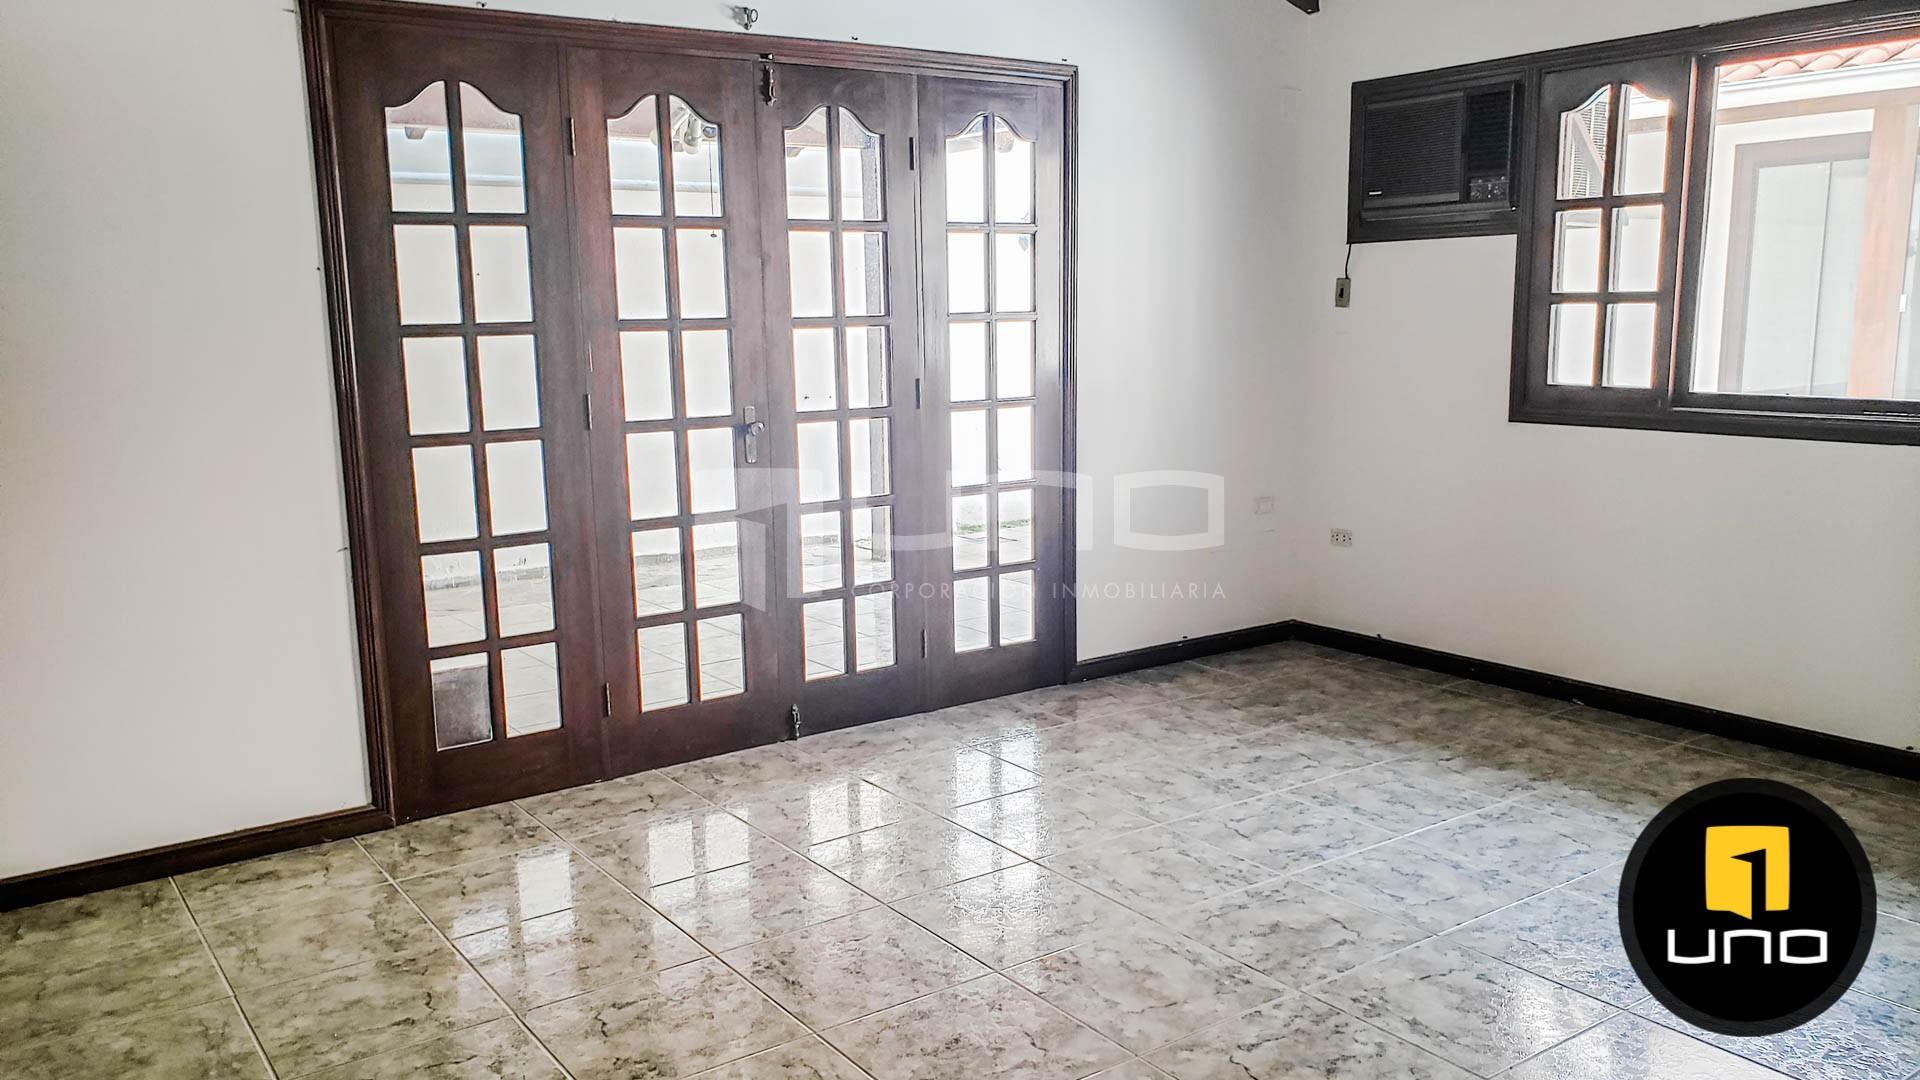 Casa en Alquiler CONDOMINIO BARRIO NORTE AMPLIA CASA EN ALQUILER Foto 14